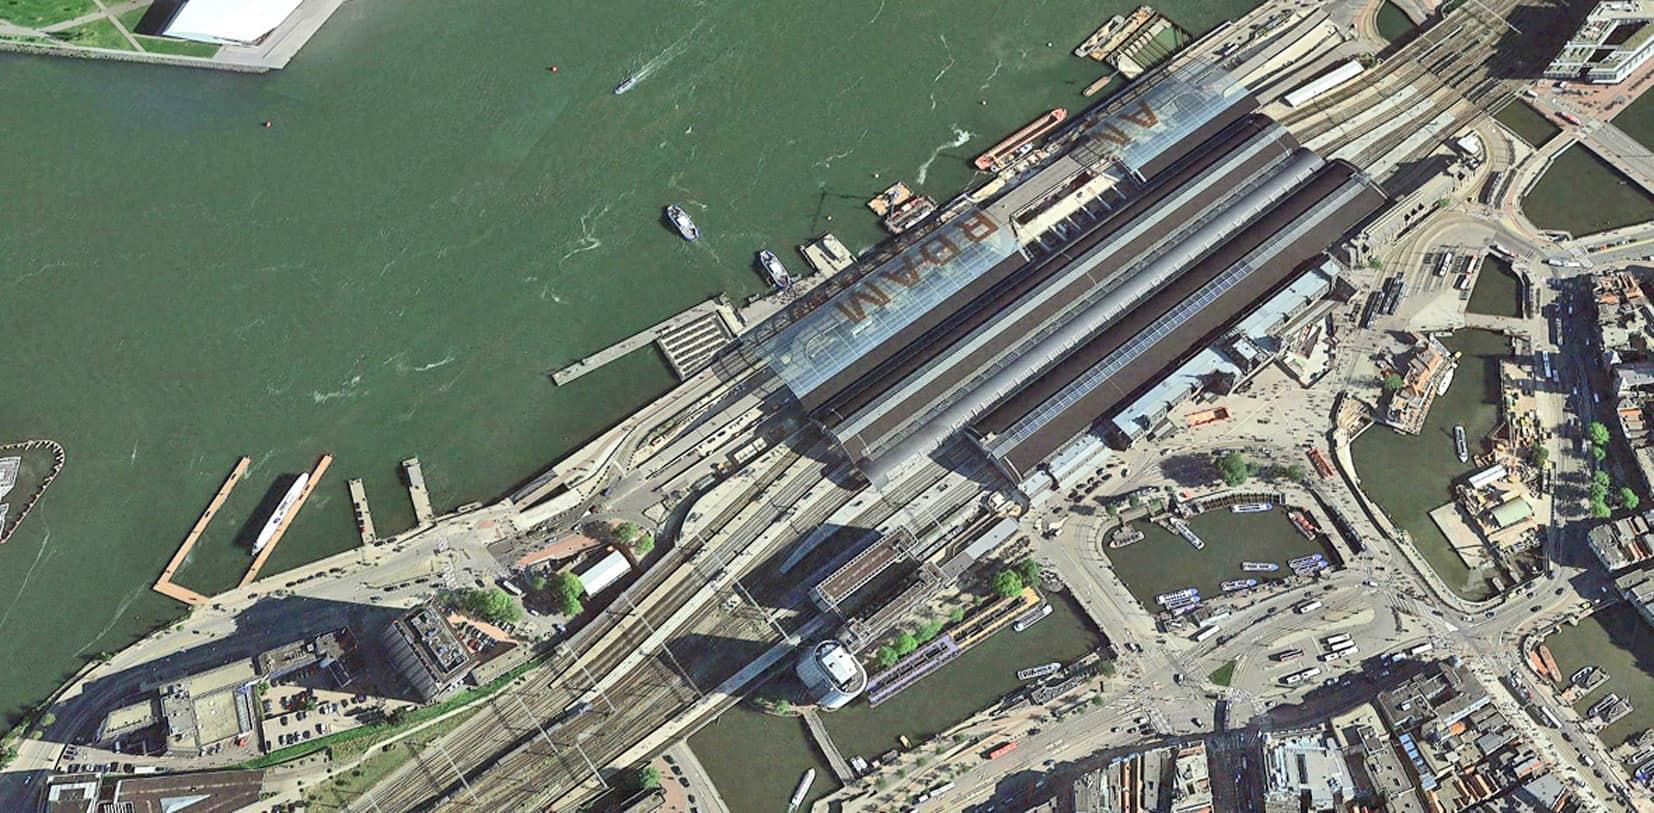 Vista della stazione ferroviaria di Amsterdam